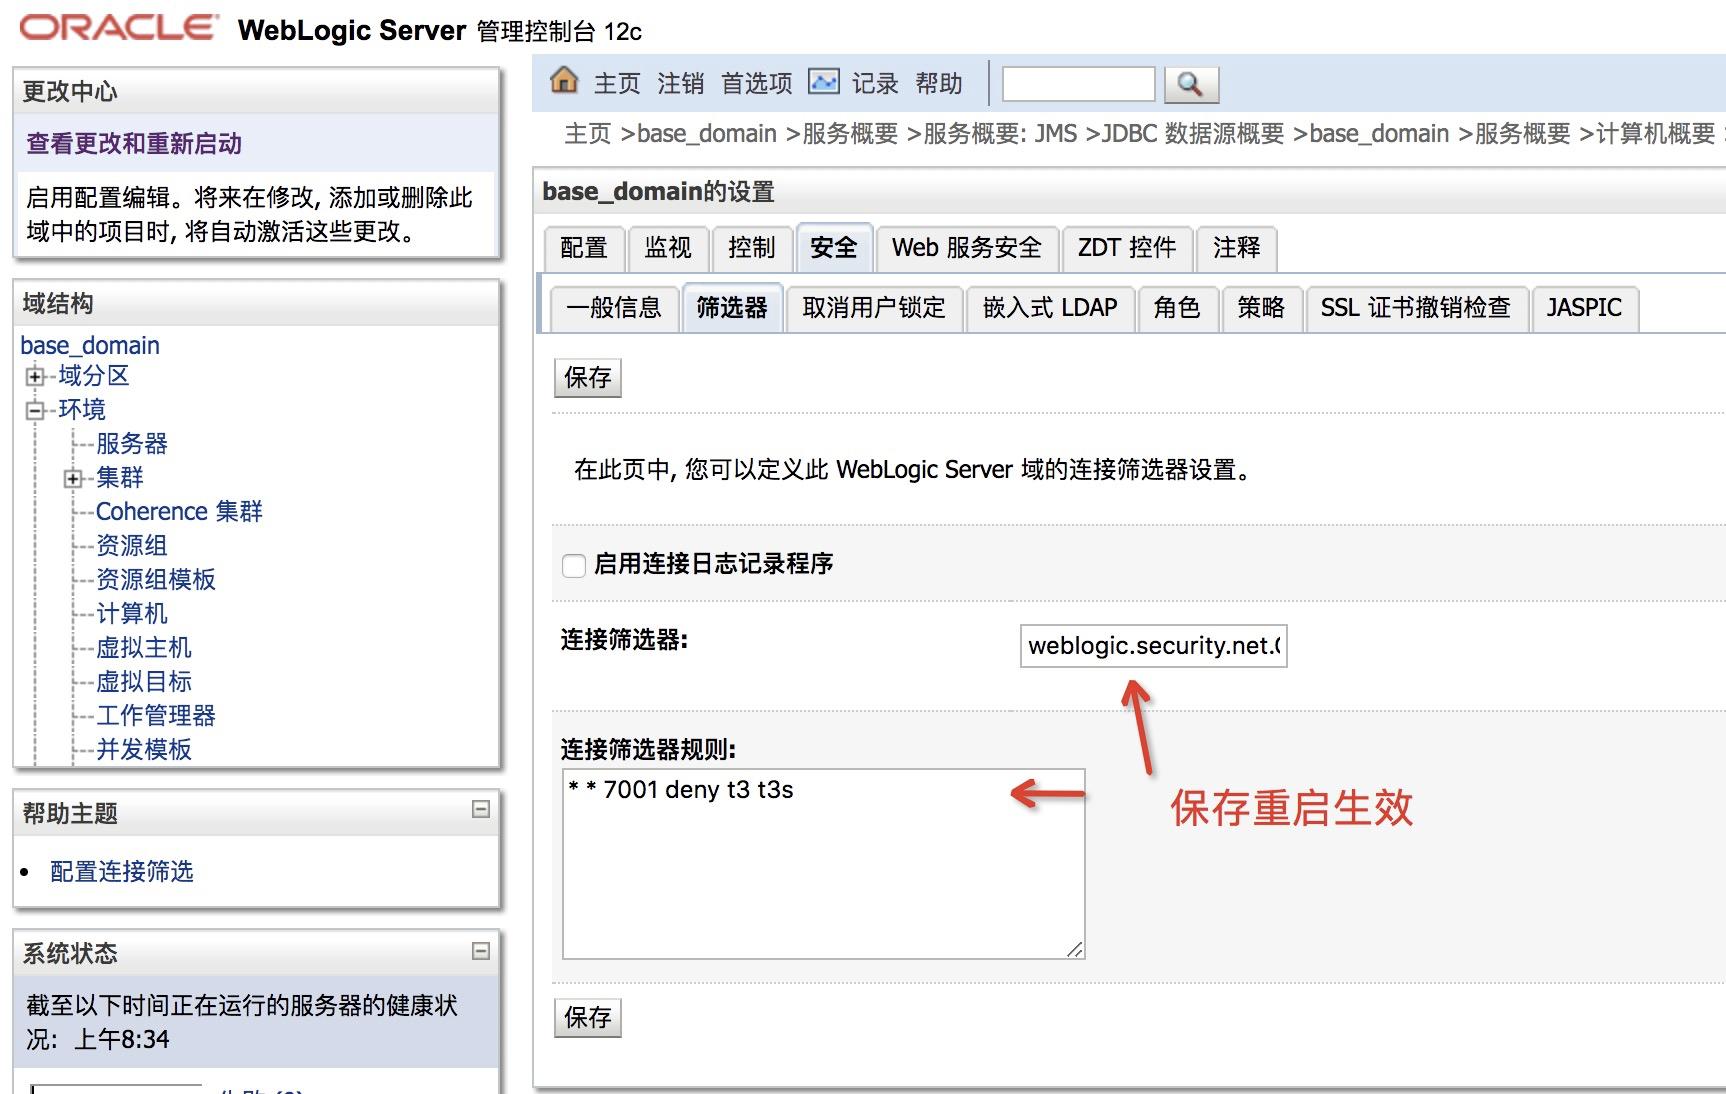 【漏洞预警】WebLogic高危漏洞预警(CVE-2020-2551、CVE-2020-2546)